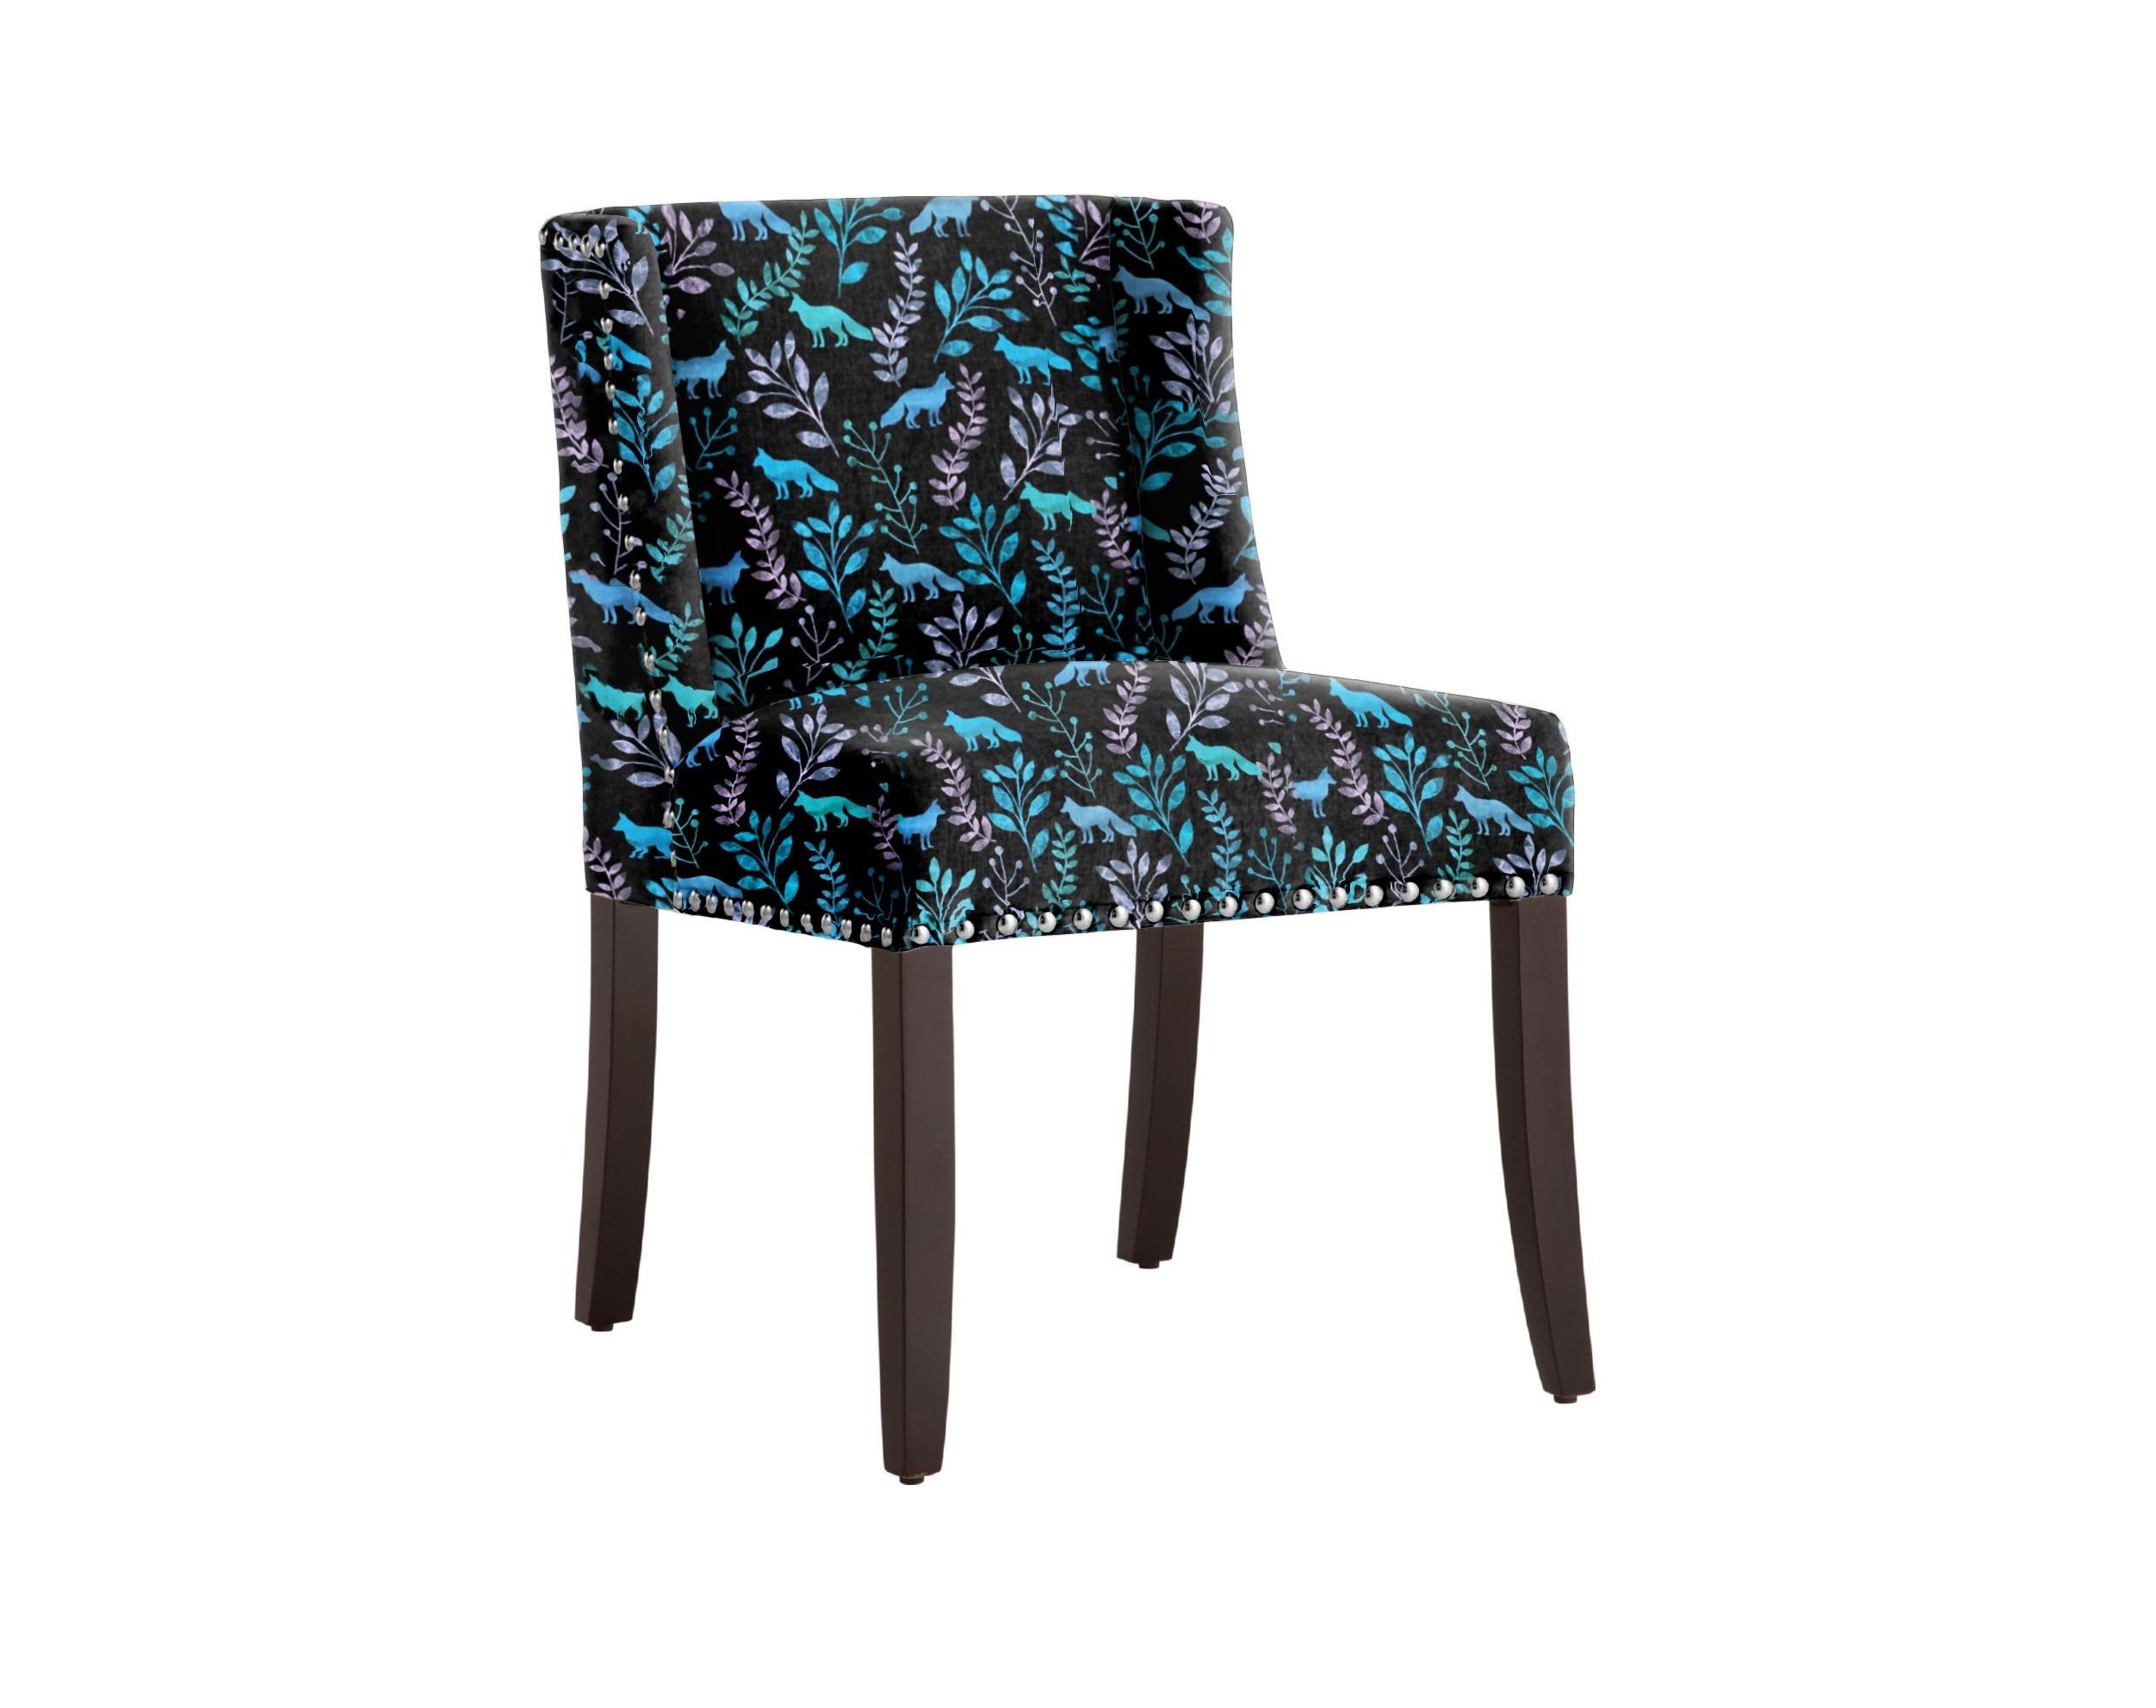 Стул Chameleo FoxПолукресла<br>Уникальный дизайн. Полукресло-стул с принтом супер талантливого художника из Бангладеш Amir Faysal. Амир популярен во всем мире и эксклюзивно сотрудничает с Российским брендом ICON DESIGNE. Эти стулья можно использовать как в гостиной, так и в столовой! Идеально впишутся в интерьер! Произведено из экологически чистых материалов. Каркас ,ножки  - дуб. Модель представлена в ткани микровелюр – мягкий, бархатистый материал, широко используемый в качестве обивки для мебели. Обладает целым рядом замечательных свойств: отлично пропускает воздух, отталкивает пыль и долго сохраняет изначальный цвет, не протираясь и не выцветая. Высокие эксплуатационные свойства в сочетании с превосходным дизайном обеспечили микровелюру большую популярность.&amp;amp;nbsp;&amp;lt;div&amp;gt;&amp;lt;br&amp;gt;&amp;lt;/div&amp;gt;&amp;lt;div&amp;gt;Варианты исполнения: <br>По желанию возможность выбрать ткань из других коллекций.&amp;amp;nbsp;&amp;lt;/div&amp;gt;&amp;lt;div&amp;gt;Гарантия: от производителя 1 год&amp;amp;nbsp;&amp;lt;/div&amp;gt;&amp;lt;div&amp;gt;Гарантия от производителя&amp;amp;nbsp;&amp;lt;/div&amp;gt;&amp;lt;div&amp;gt;Материалы: дуб, текстиль.&amp;amp;nbsp;&amp;lt;/div&amp;gt;&amp;lt;div&amp;gt;Продукция изготавливается под заказ, стандартный срок производства 3-4 недели.&amp;amp;nbsp;&amp;lt;/div&amp;gt;&amp;lt;div&amp;gt;Более точную информацию уточняйте у менеджера.&amp;lt;/div&amp;gt;<br><br>Material: Текстиль<br>Length см: None<br>Depth см: 58<br>Height см: 82